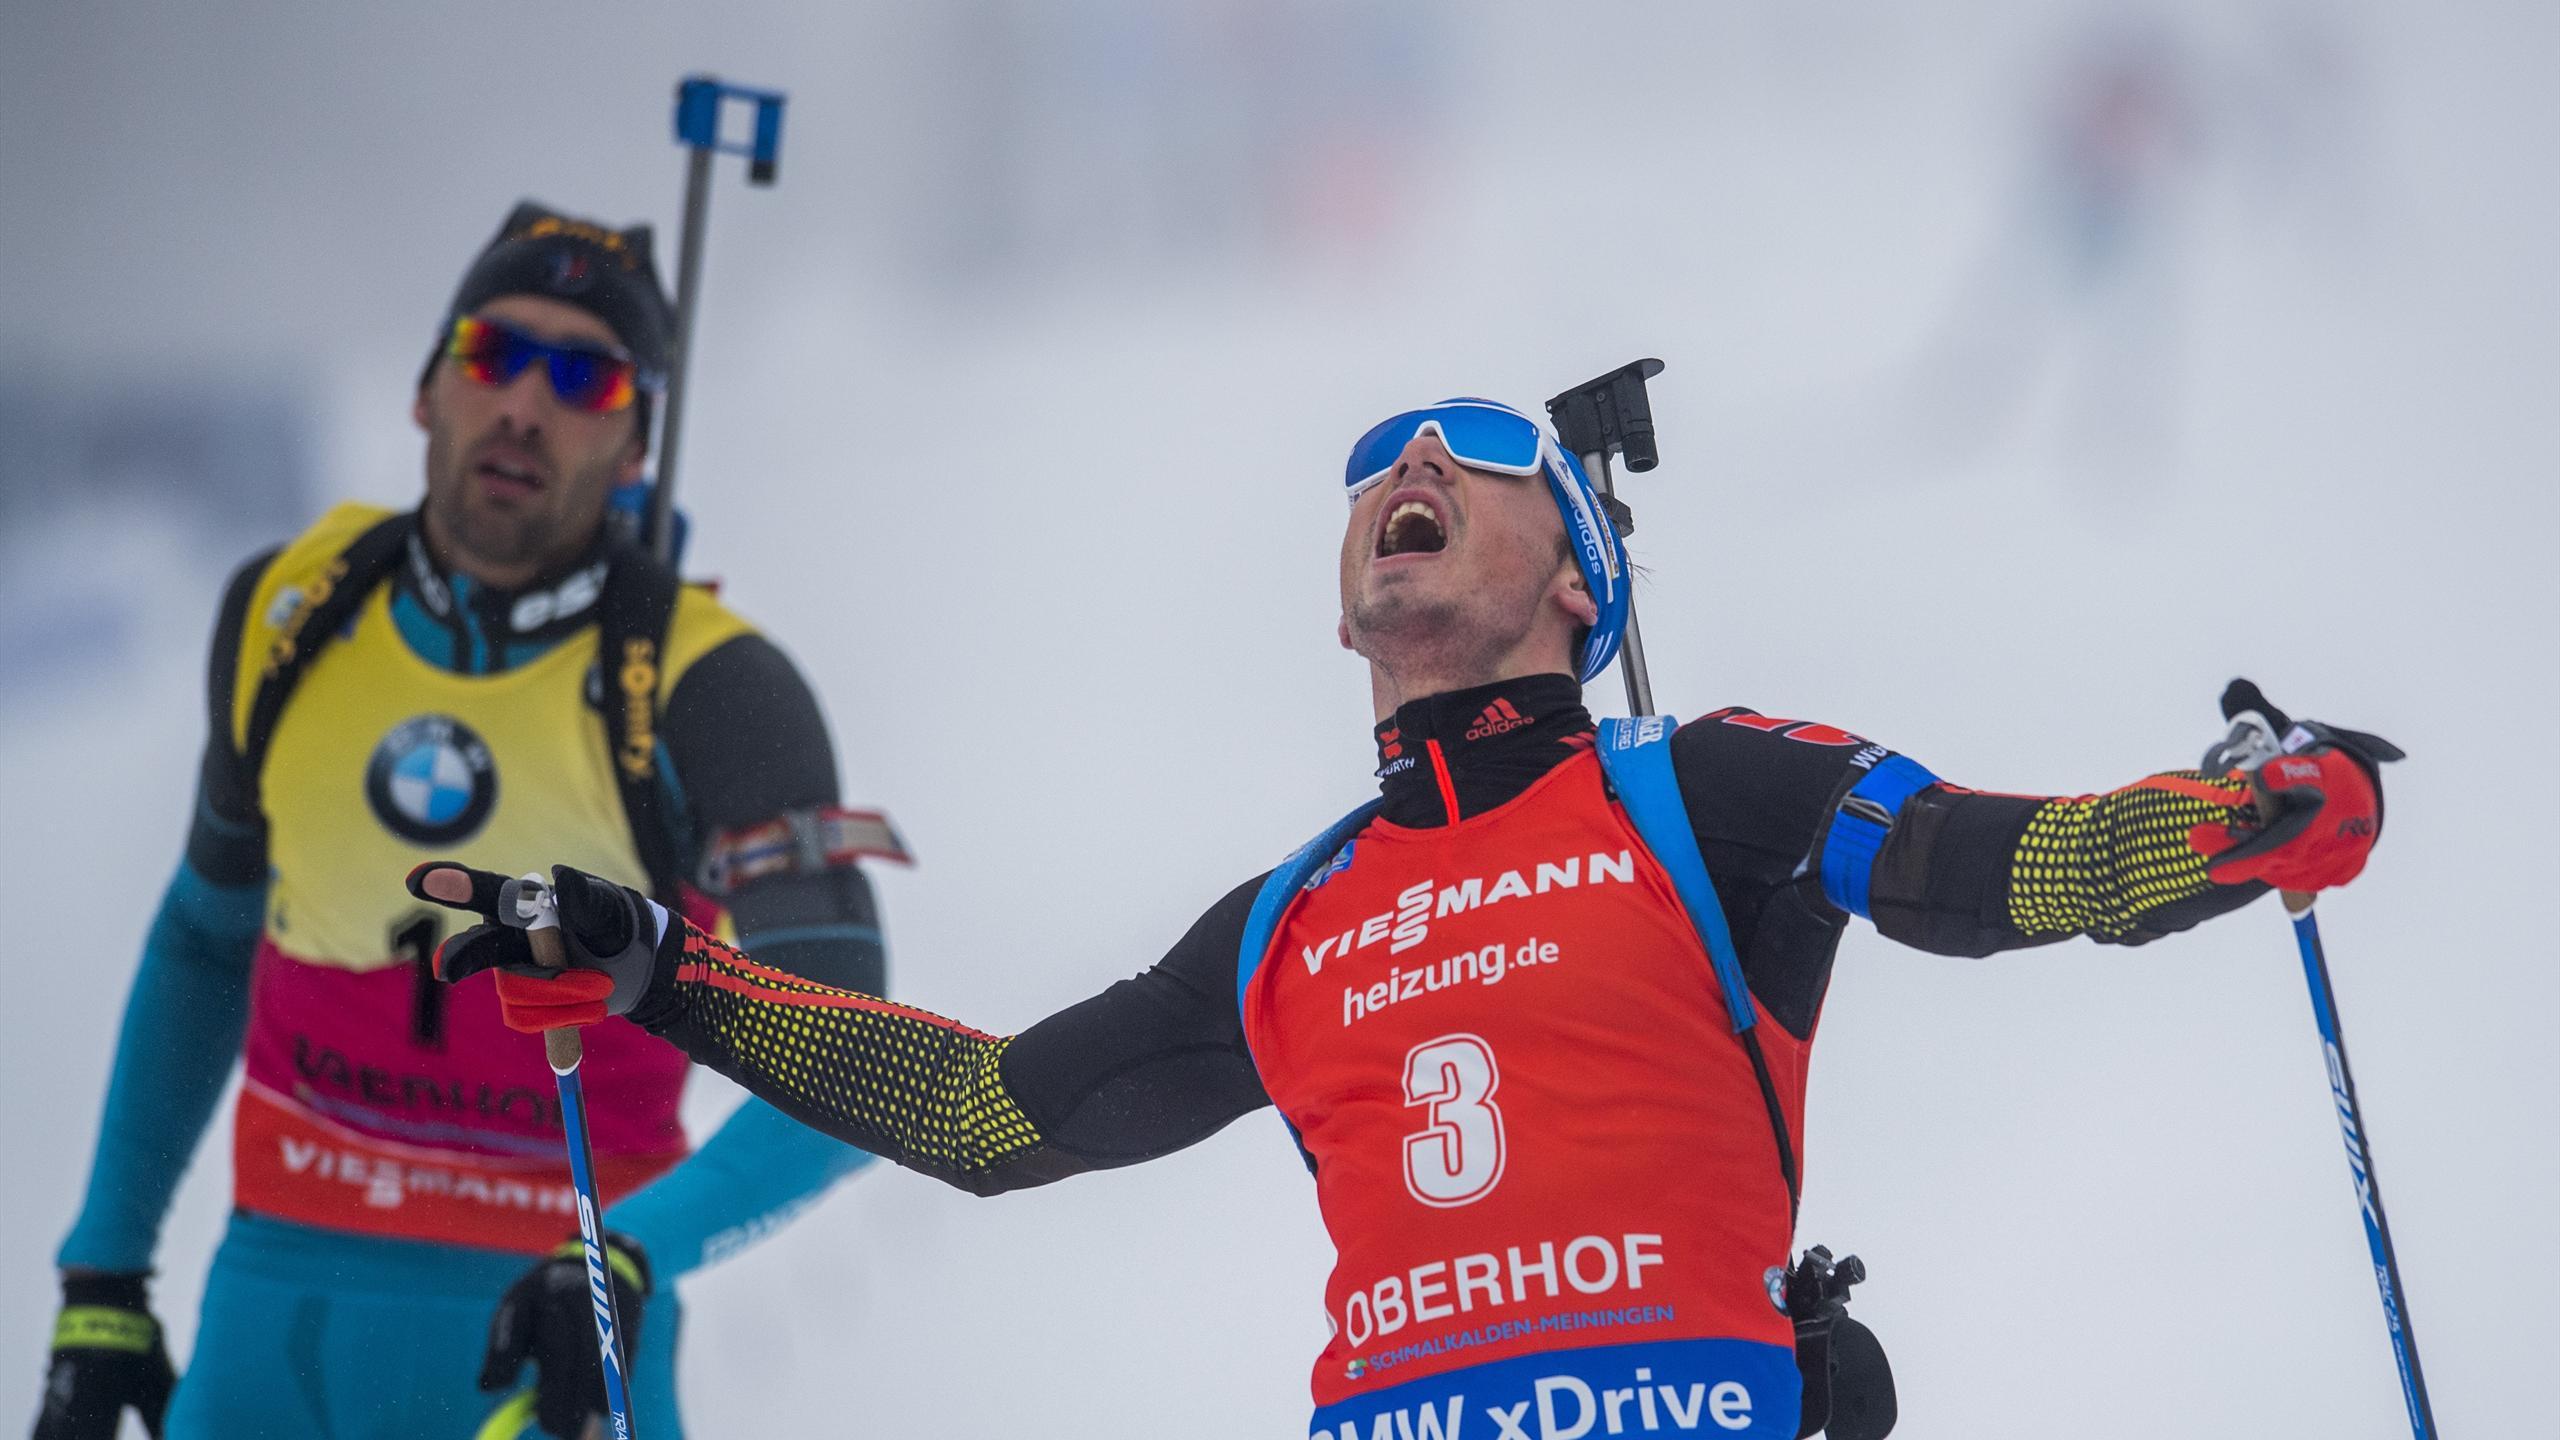 Simon Schempp triumphiert im massenstart von Oberhof vor Dominator Fourcade